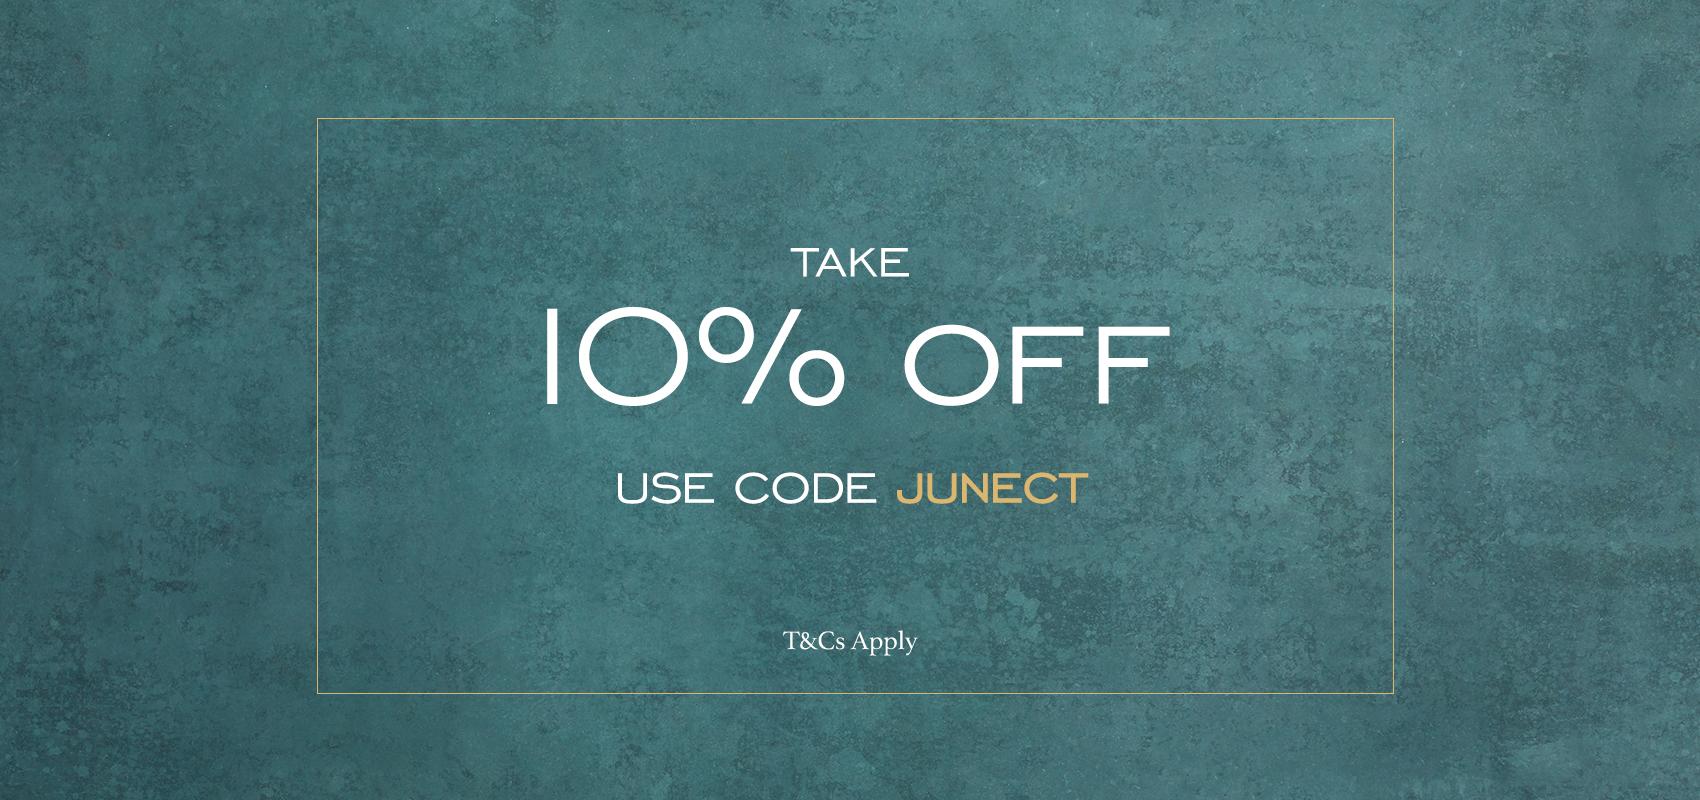 Charles Tyrwhitt 10% off